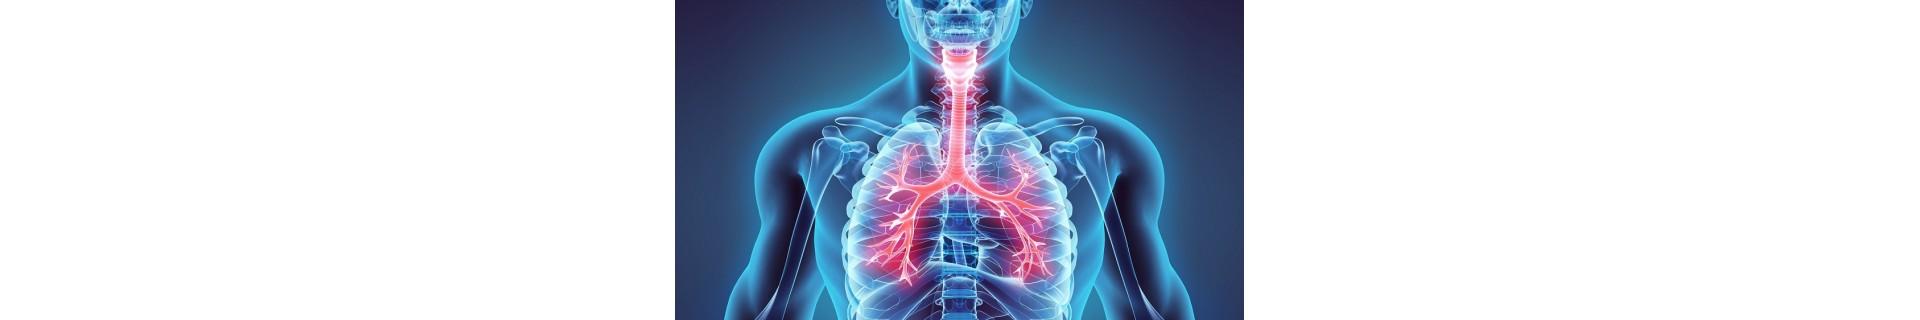 Αναπνευστικά Είδη